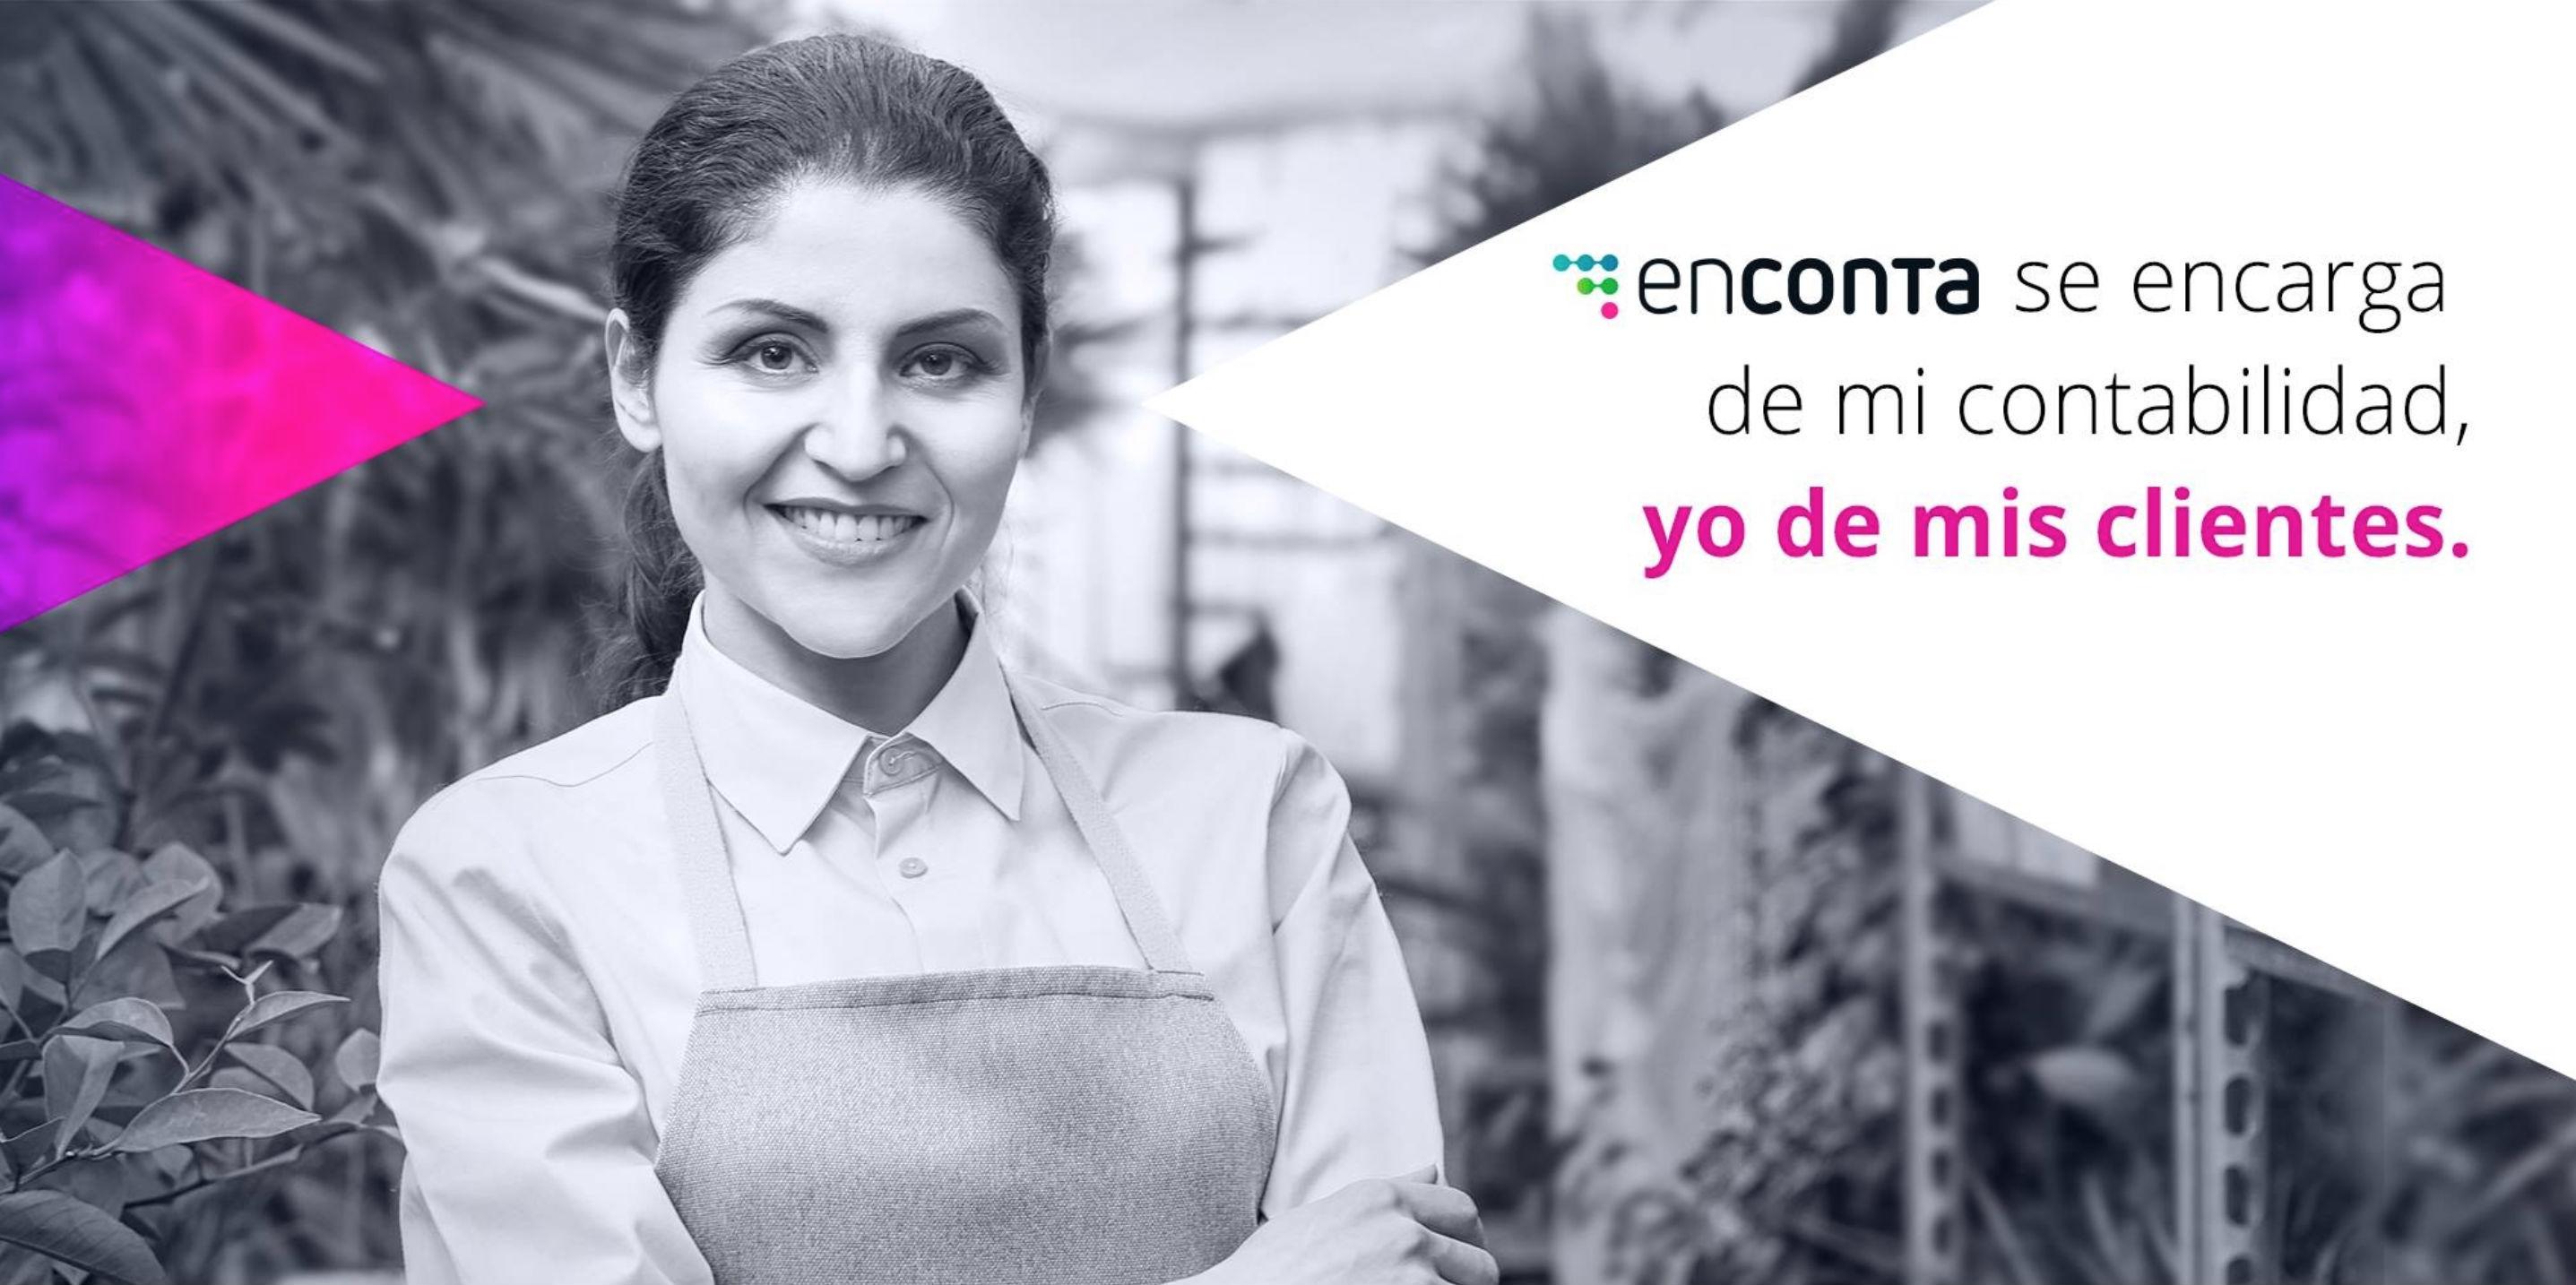 Imagen publicitaria de Enconta, tomada de su página en Facebook.